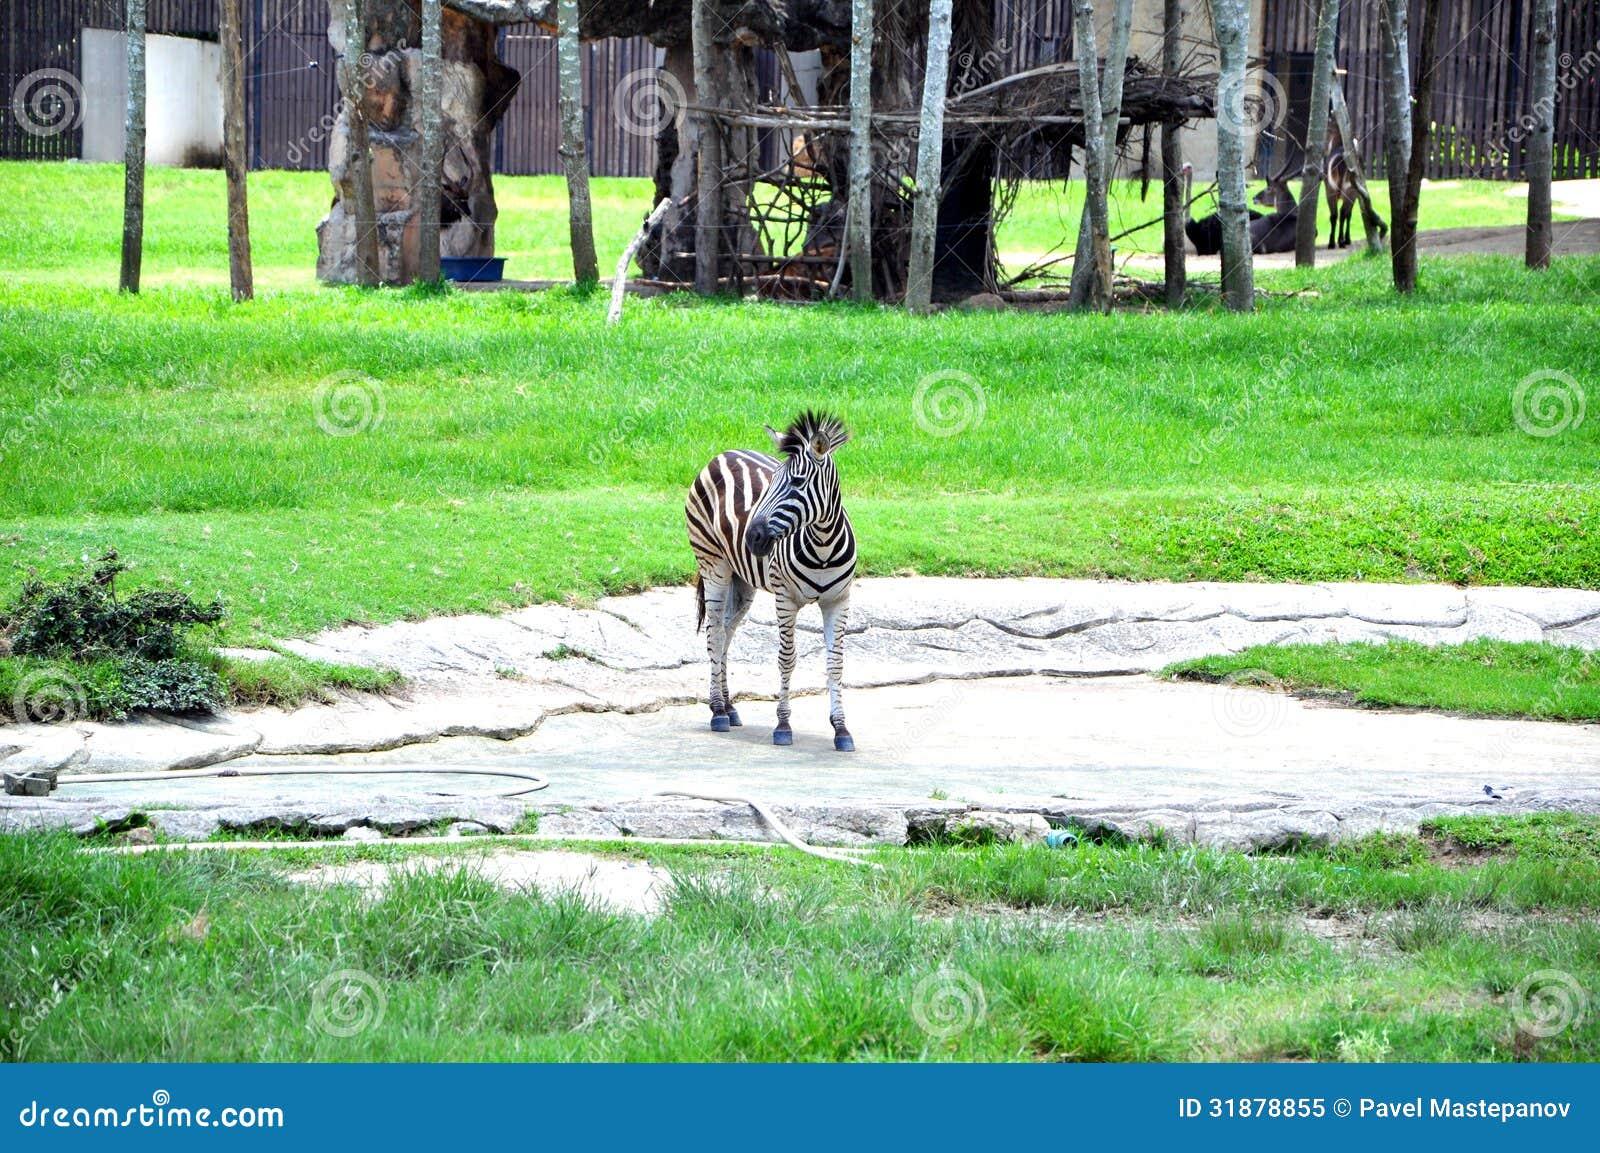 zebra royalty free stock photo image 31878855